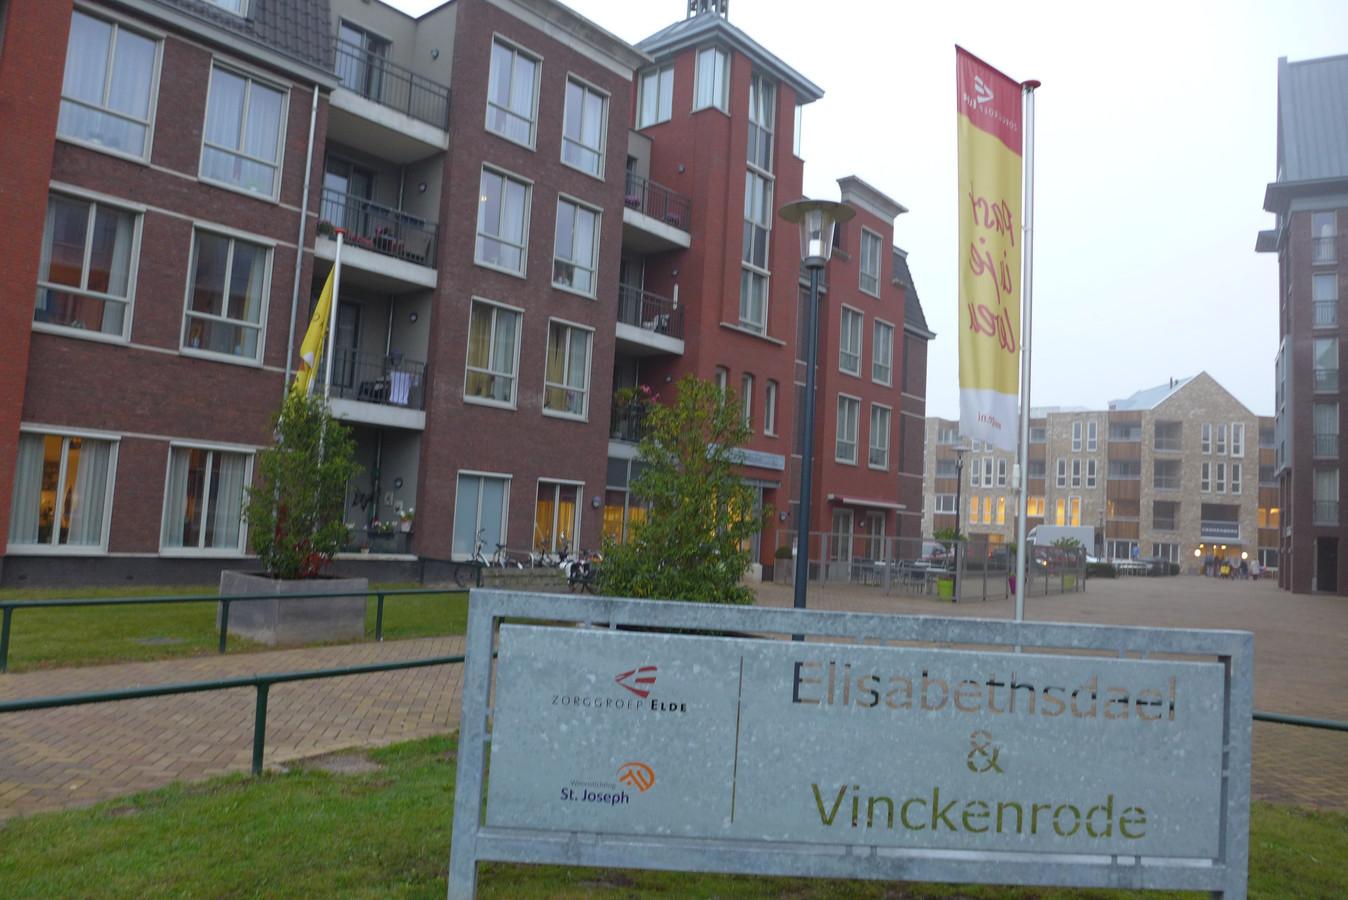 Woonstichting Joost, Stichting Broodnodig en coördinator Marijke Romijnders hebben hun samenwerking bij het eetpunt en andere activiteiten in Elisabethsdael met een jaar verlengd.